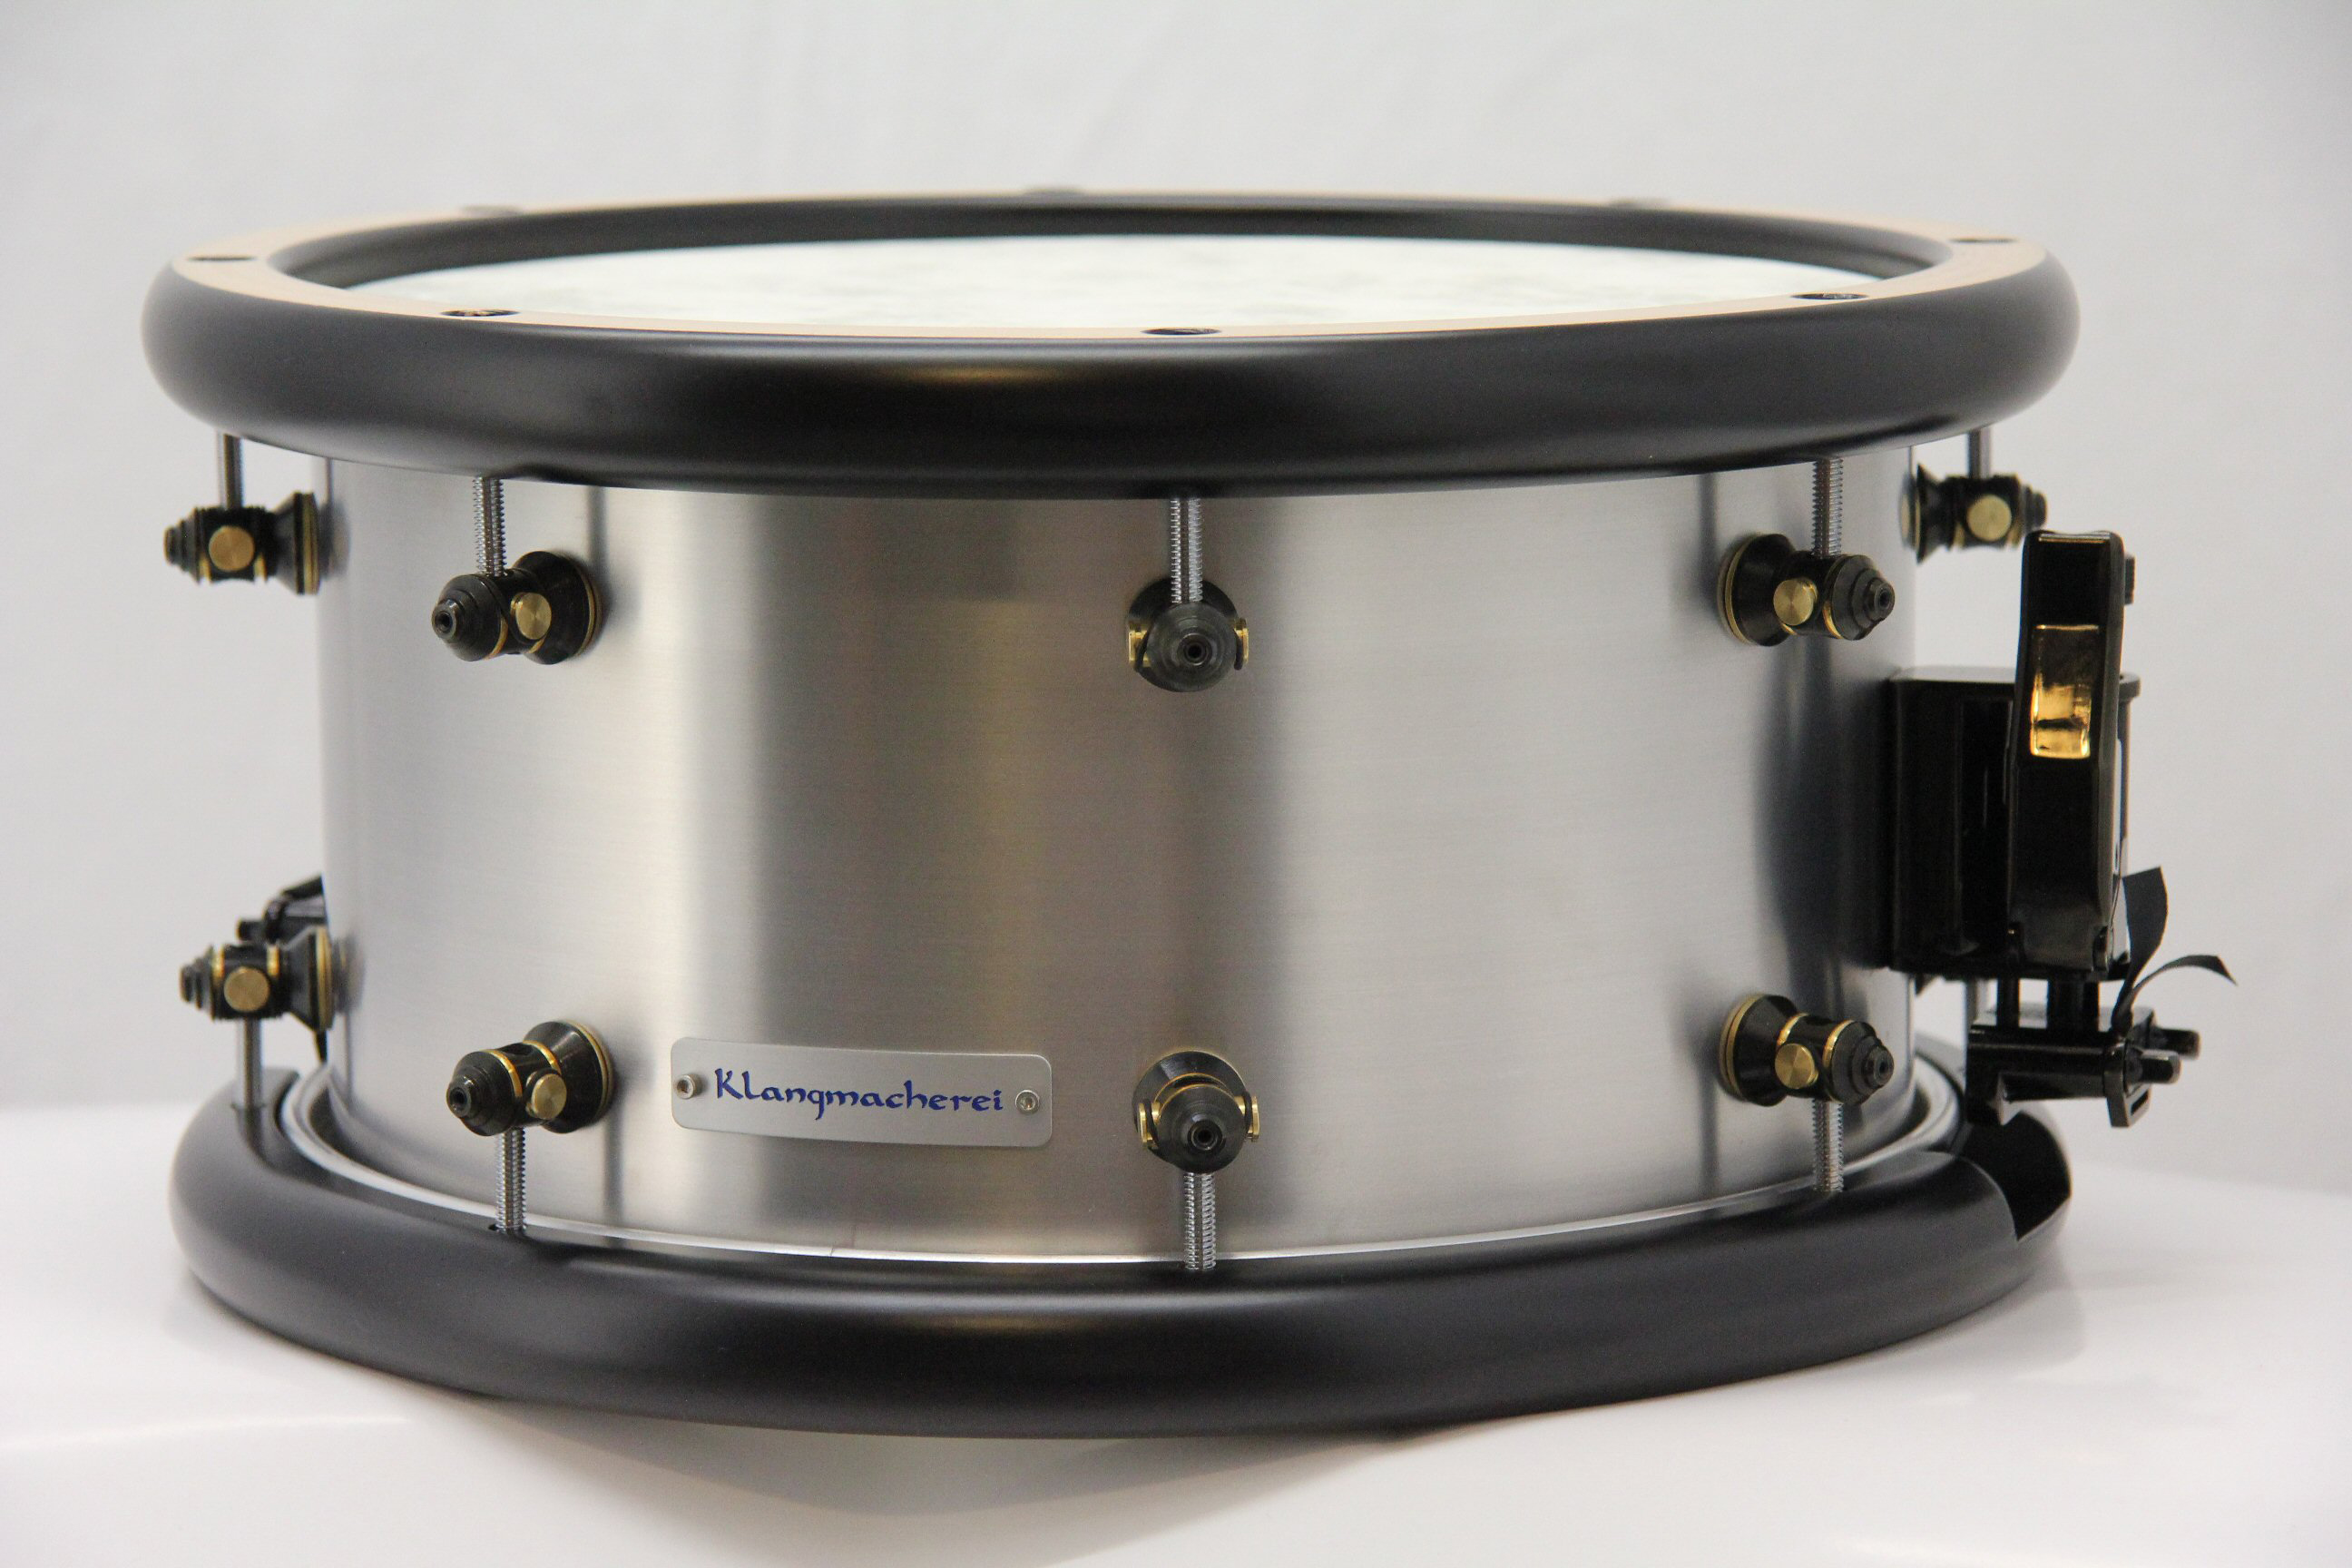 Eine Snare-Drum aus Alu. Produkt der Klangmacherei